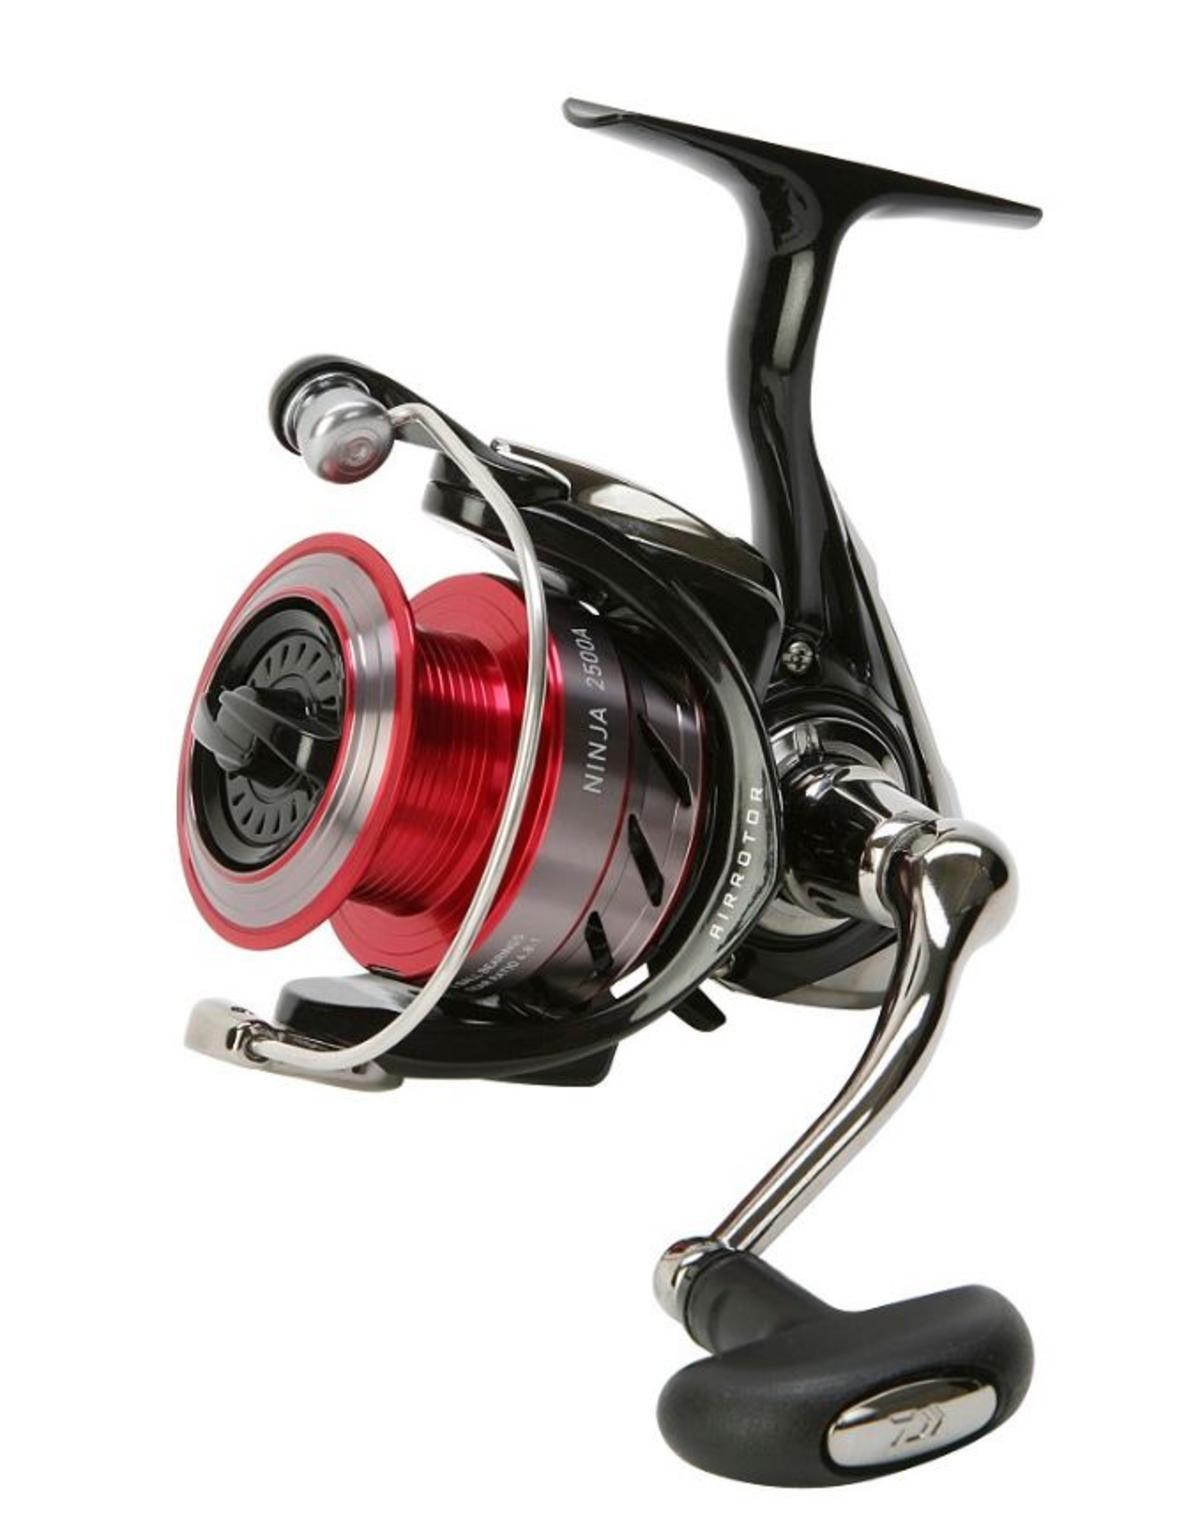 Ex Display Daiwa Ninja 2500A Spinning Fishing Reel